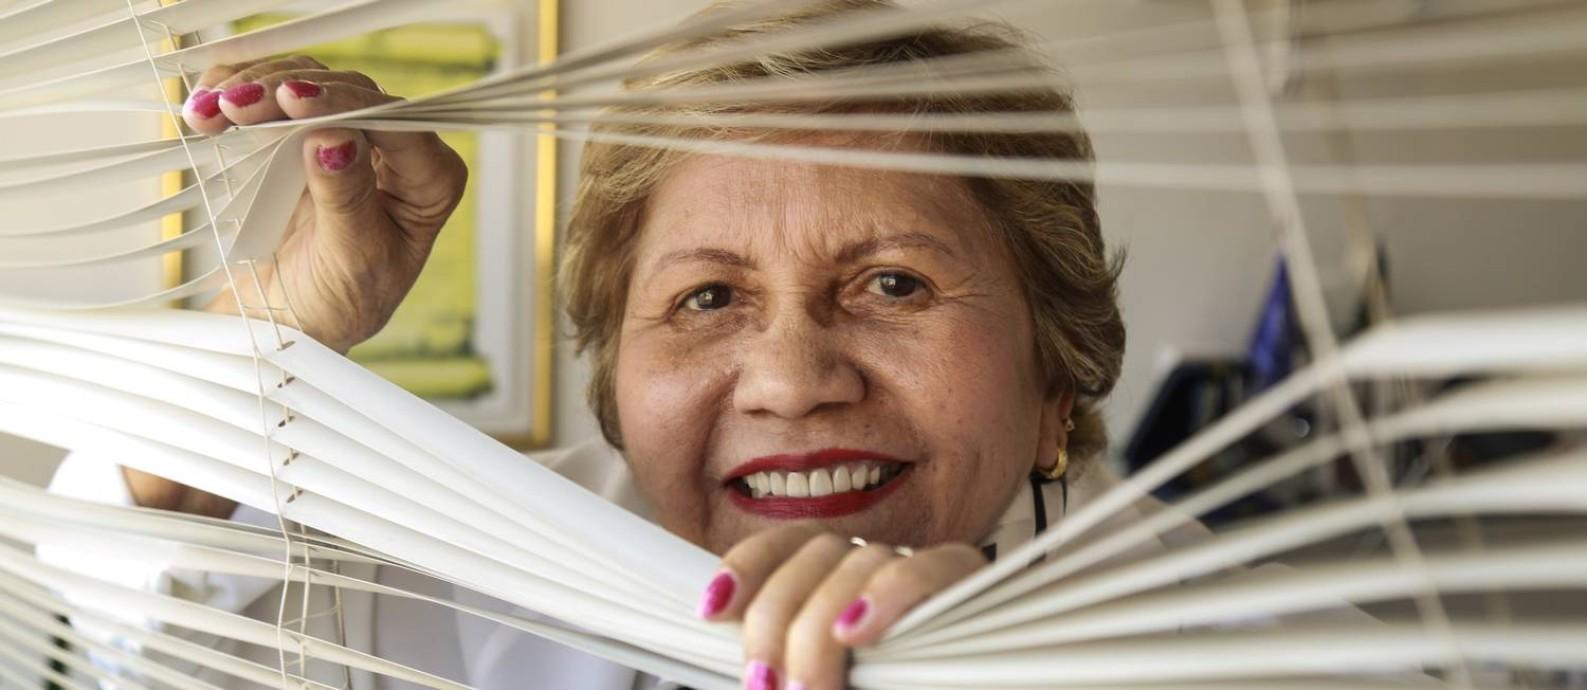 Iracema Pacífico: uma história de autoajuda Foto: Marcos Ramos / Agência O Globo